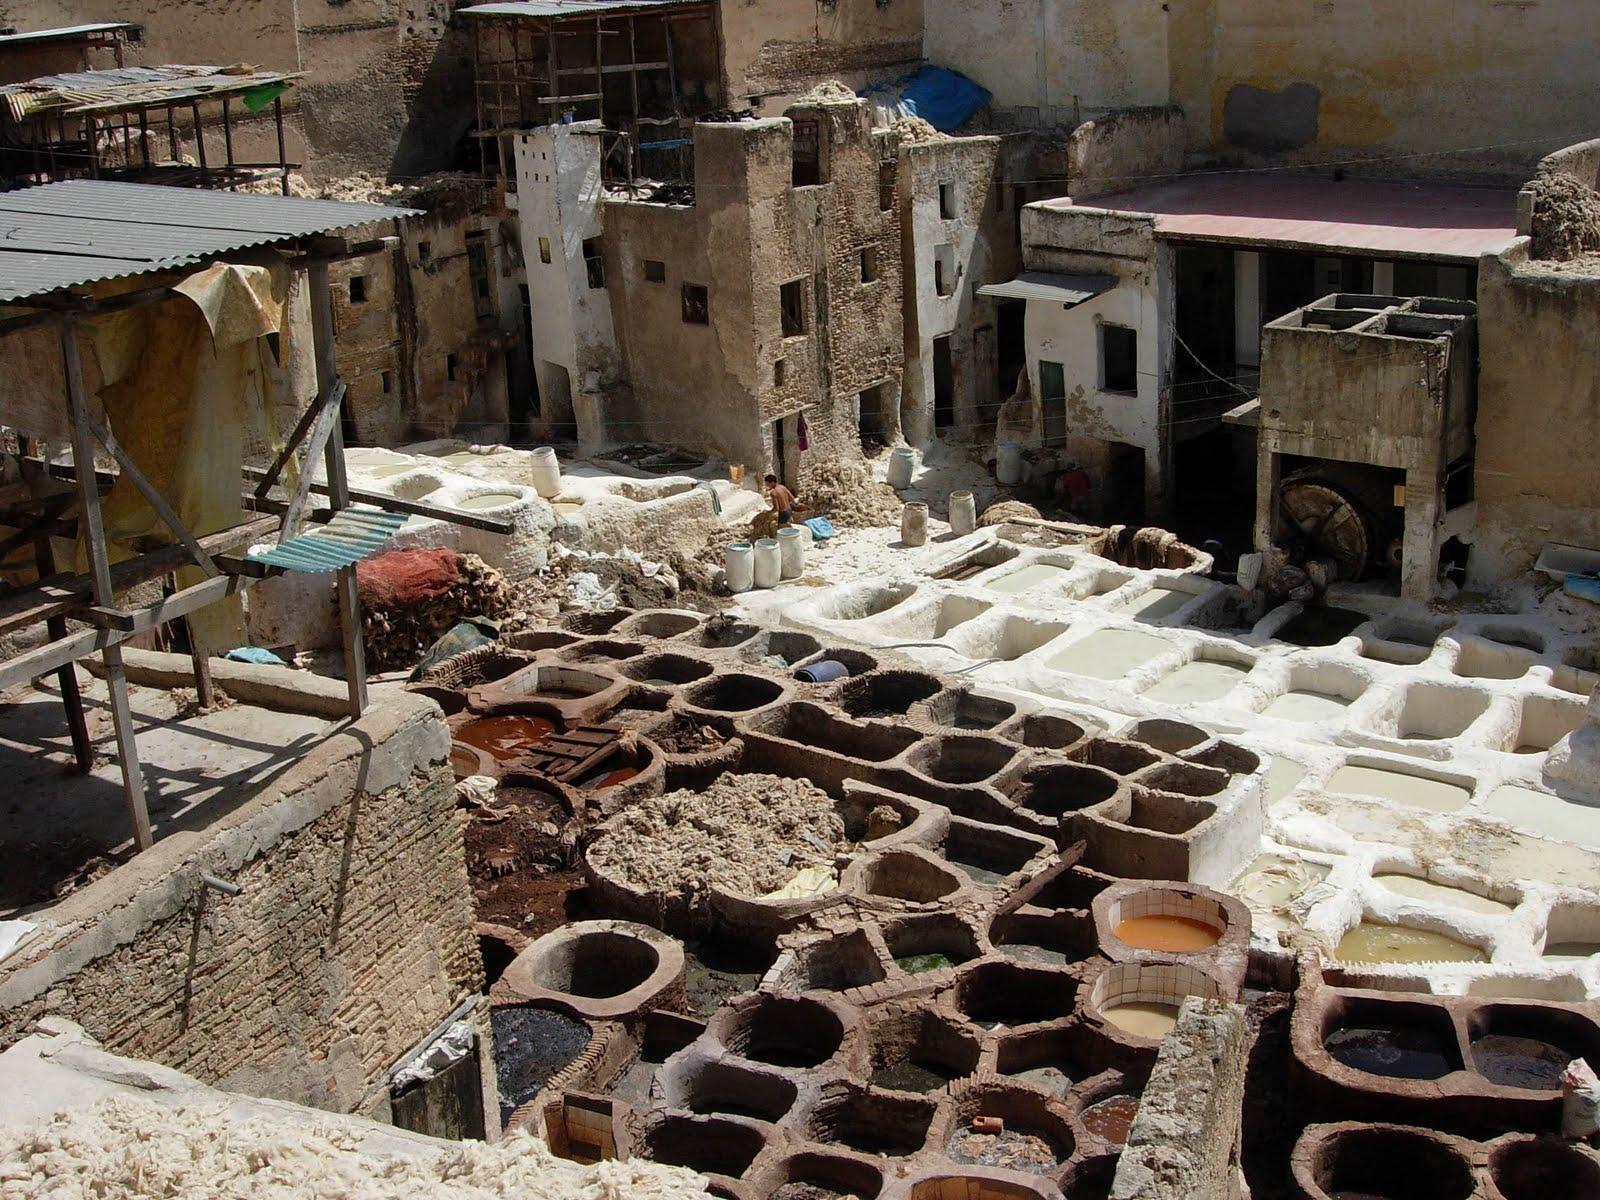 http://4.bp.blogspot.com/_eQA0crMY_YU/THvBXdydM2I/AAAAAAAAAJM/stFPHcc7fiQ/s1600/Marruecos+Mochileros+Julio+2010+168.jpg